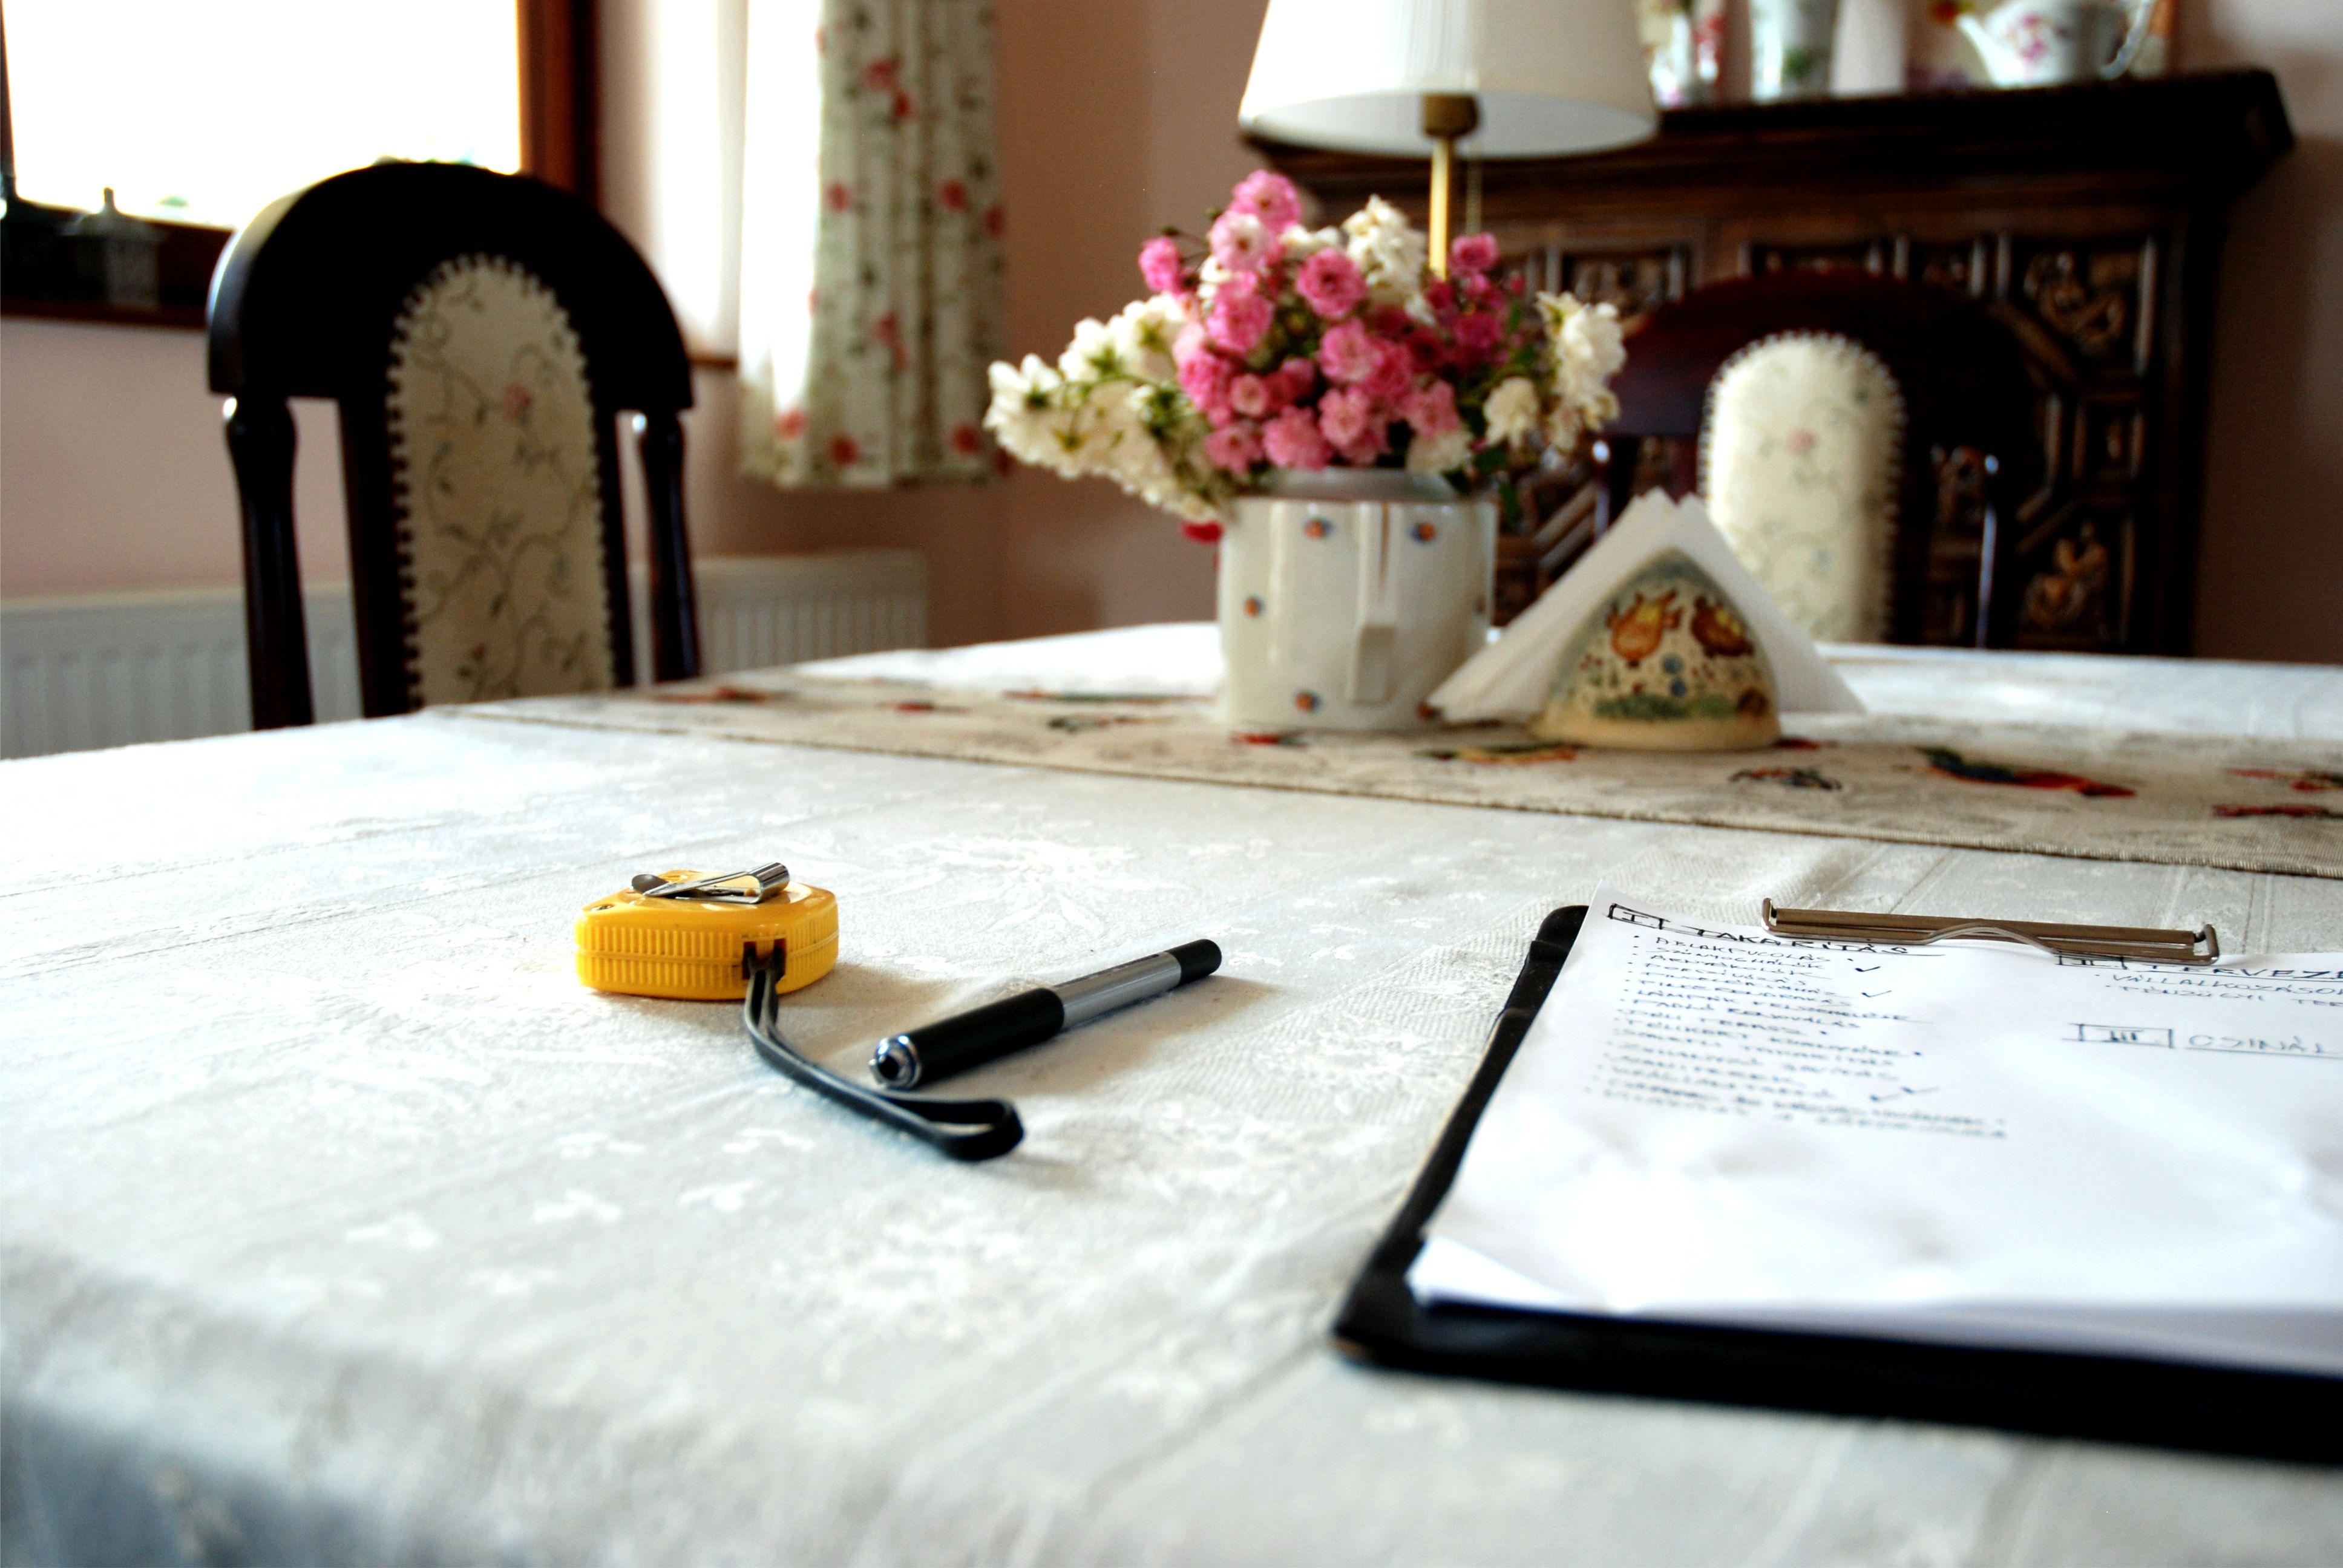 Nálatok is előfordul, hogy az étkezőasztalon marad néhány dolog, aminek nem kellene ott lennie?